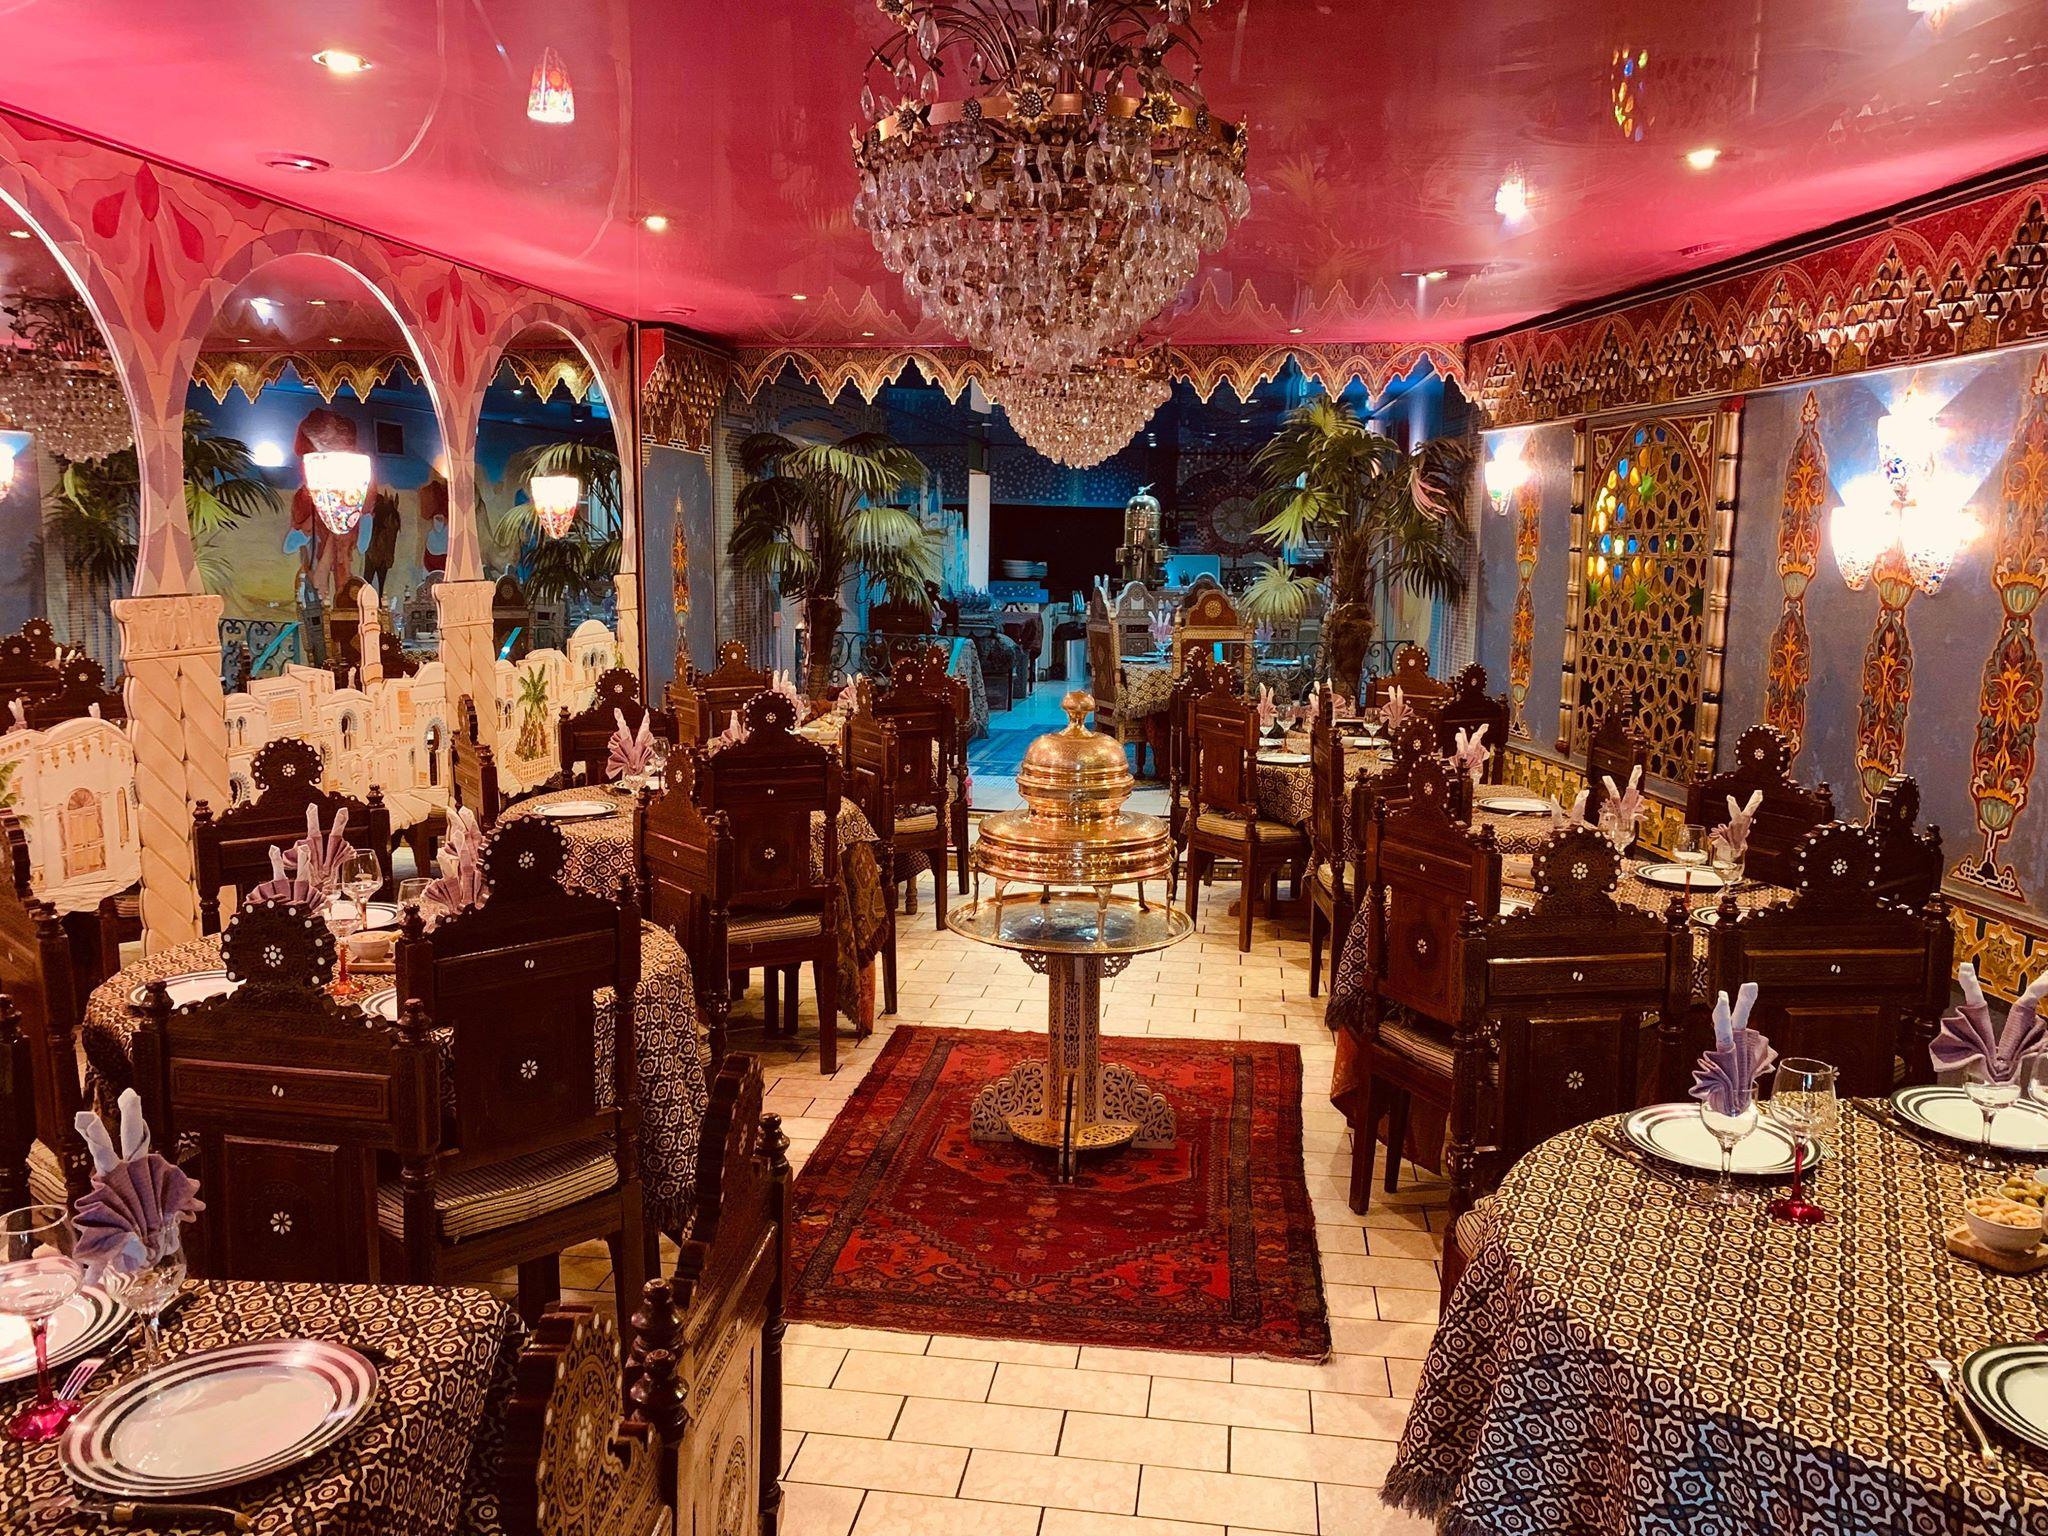 Restaurant à Bruay-la-Buissière